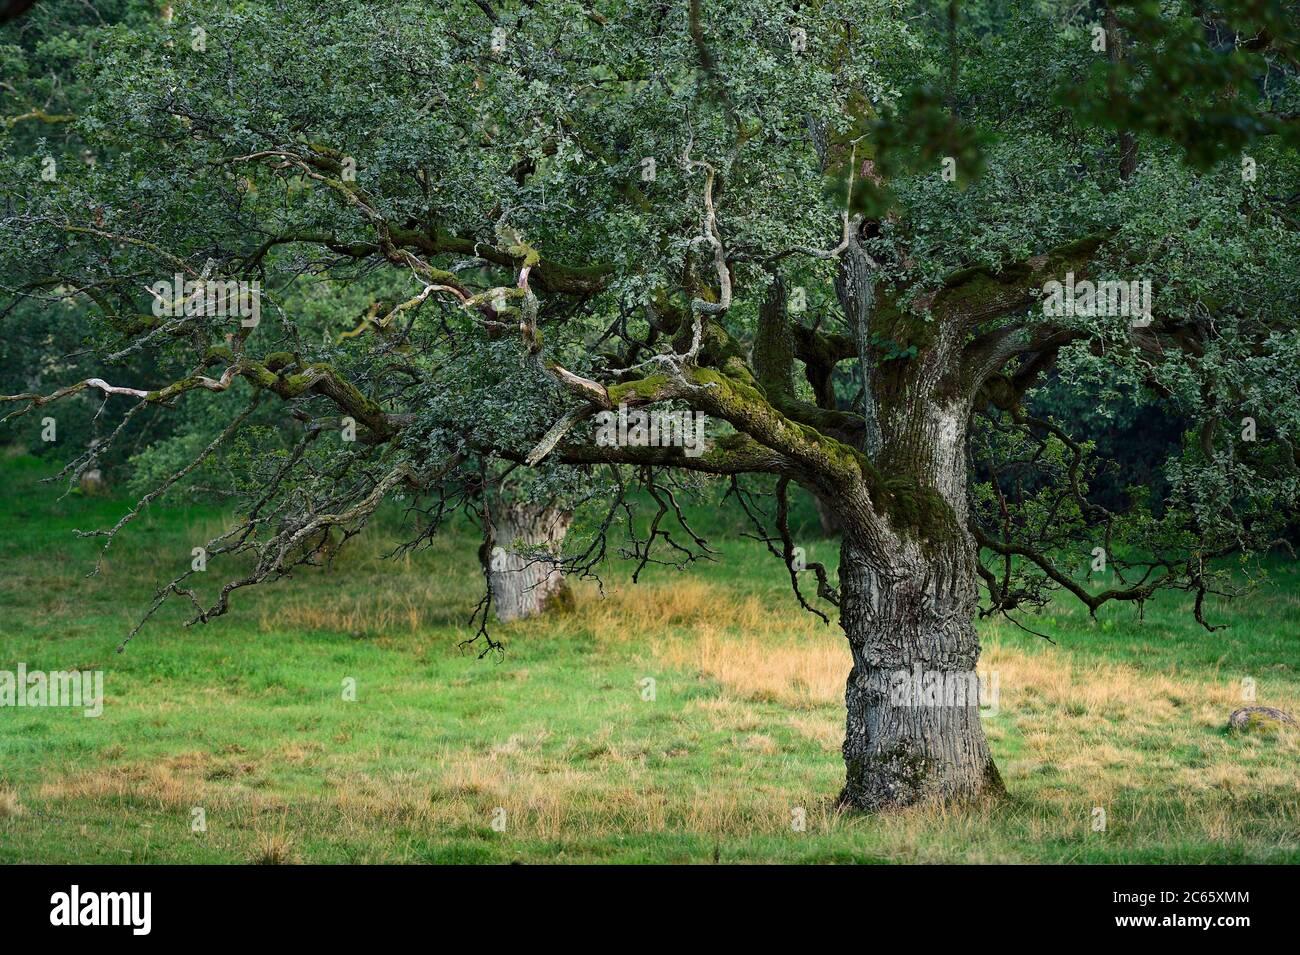 La réserve naturelle de Tunhems Ekhagar est située au pied de Hunneberg, et se compose d'un certain nombre d'anciens chênes. Tunhems Ekhagar, Schweden Banque D'Images